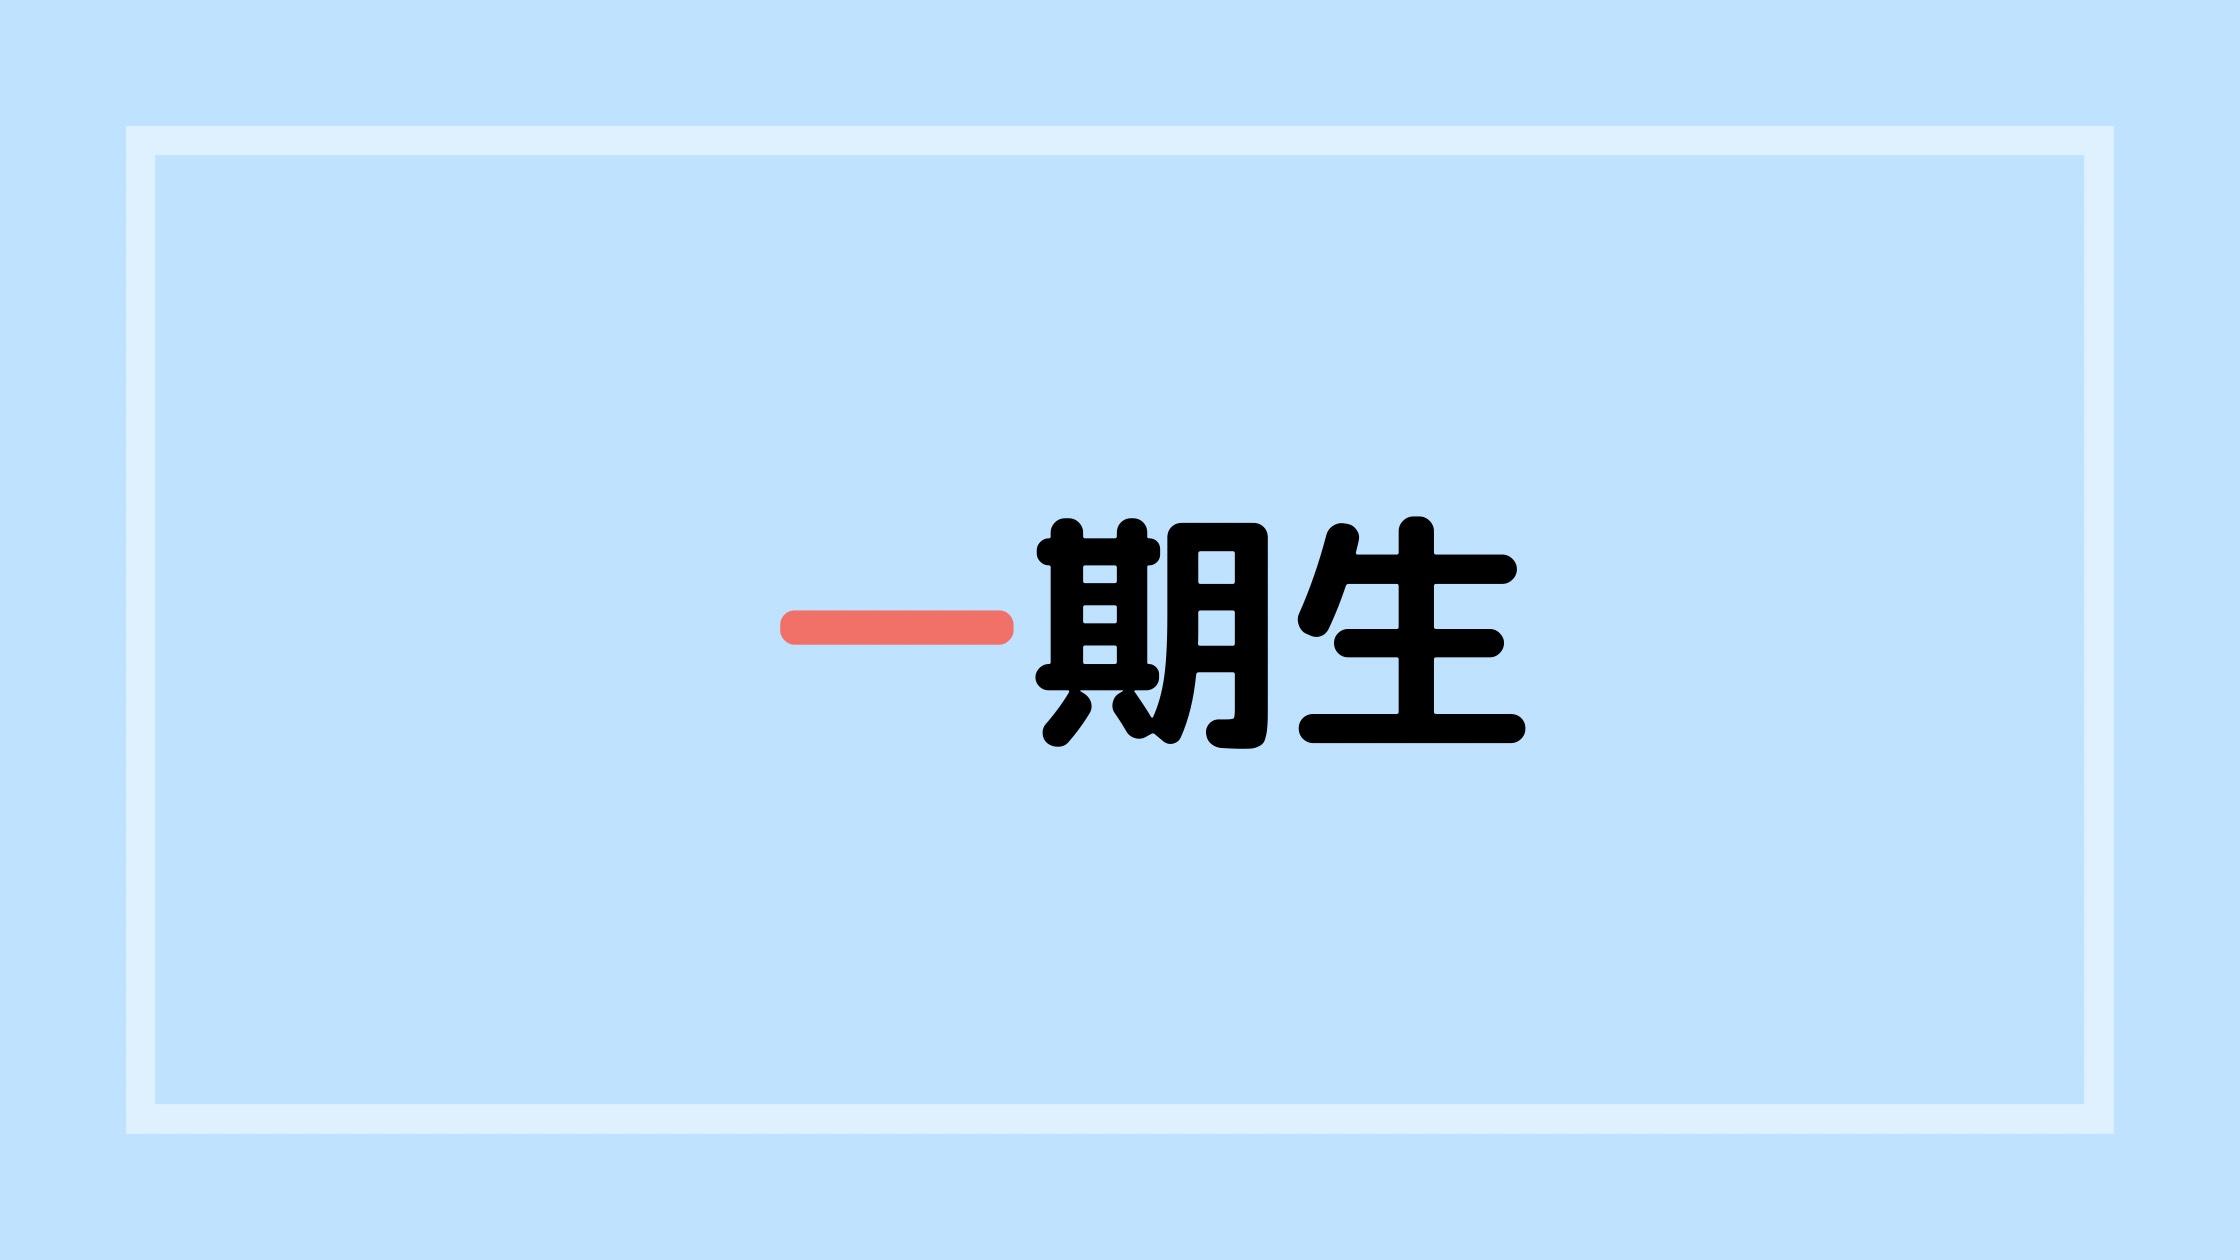 【日向坂46メンバー】一期生を全紹介!